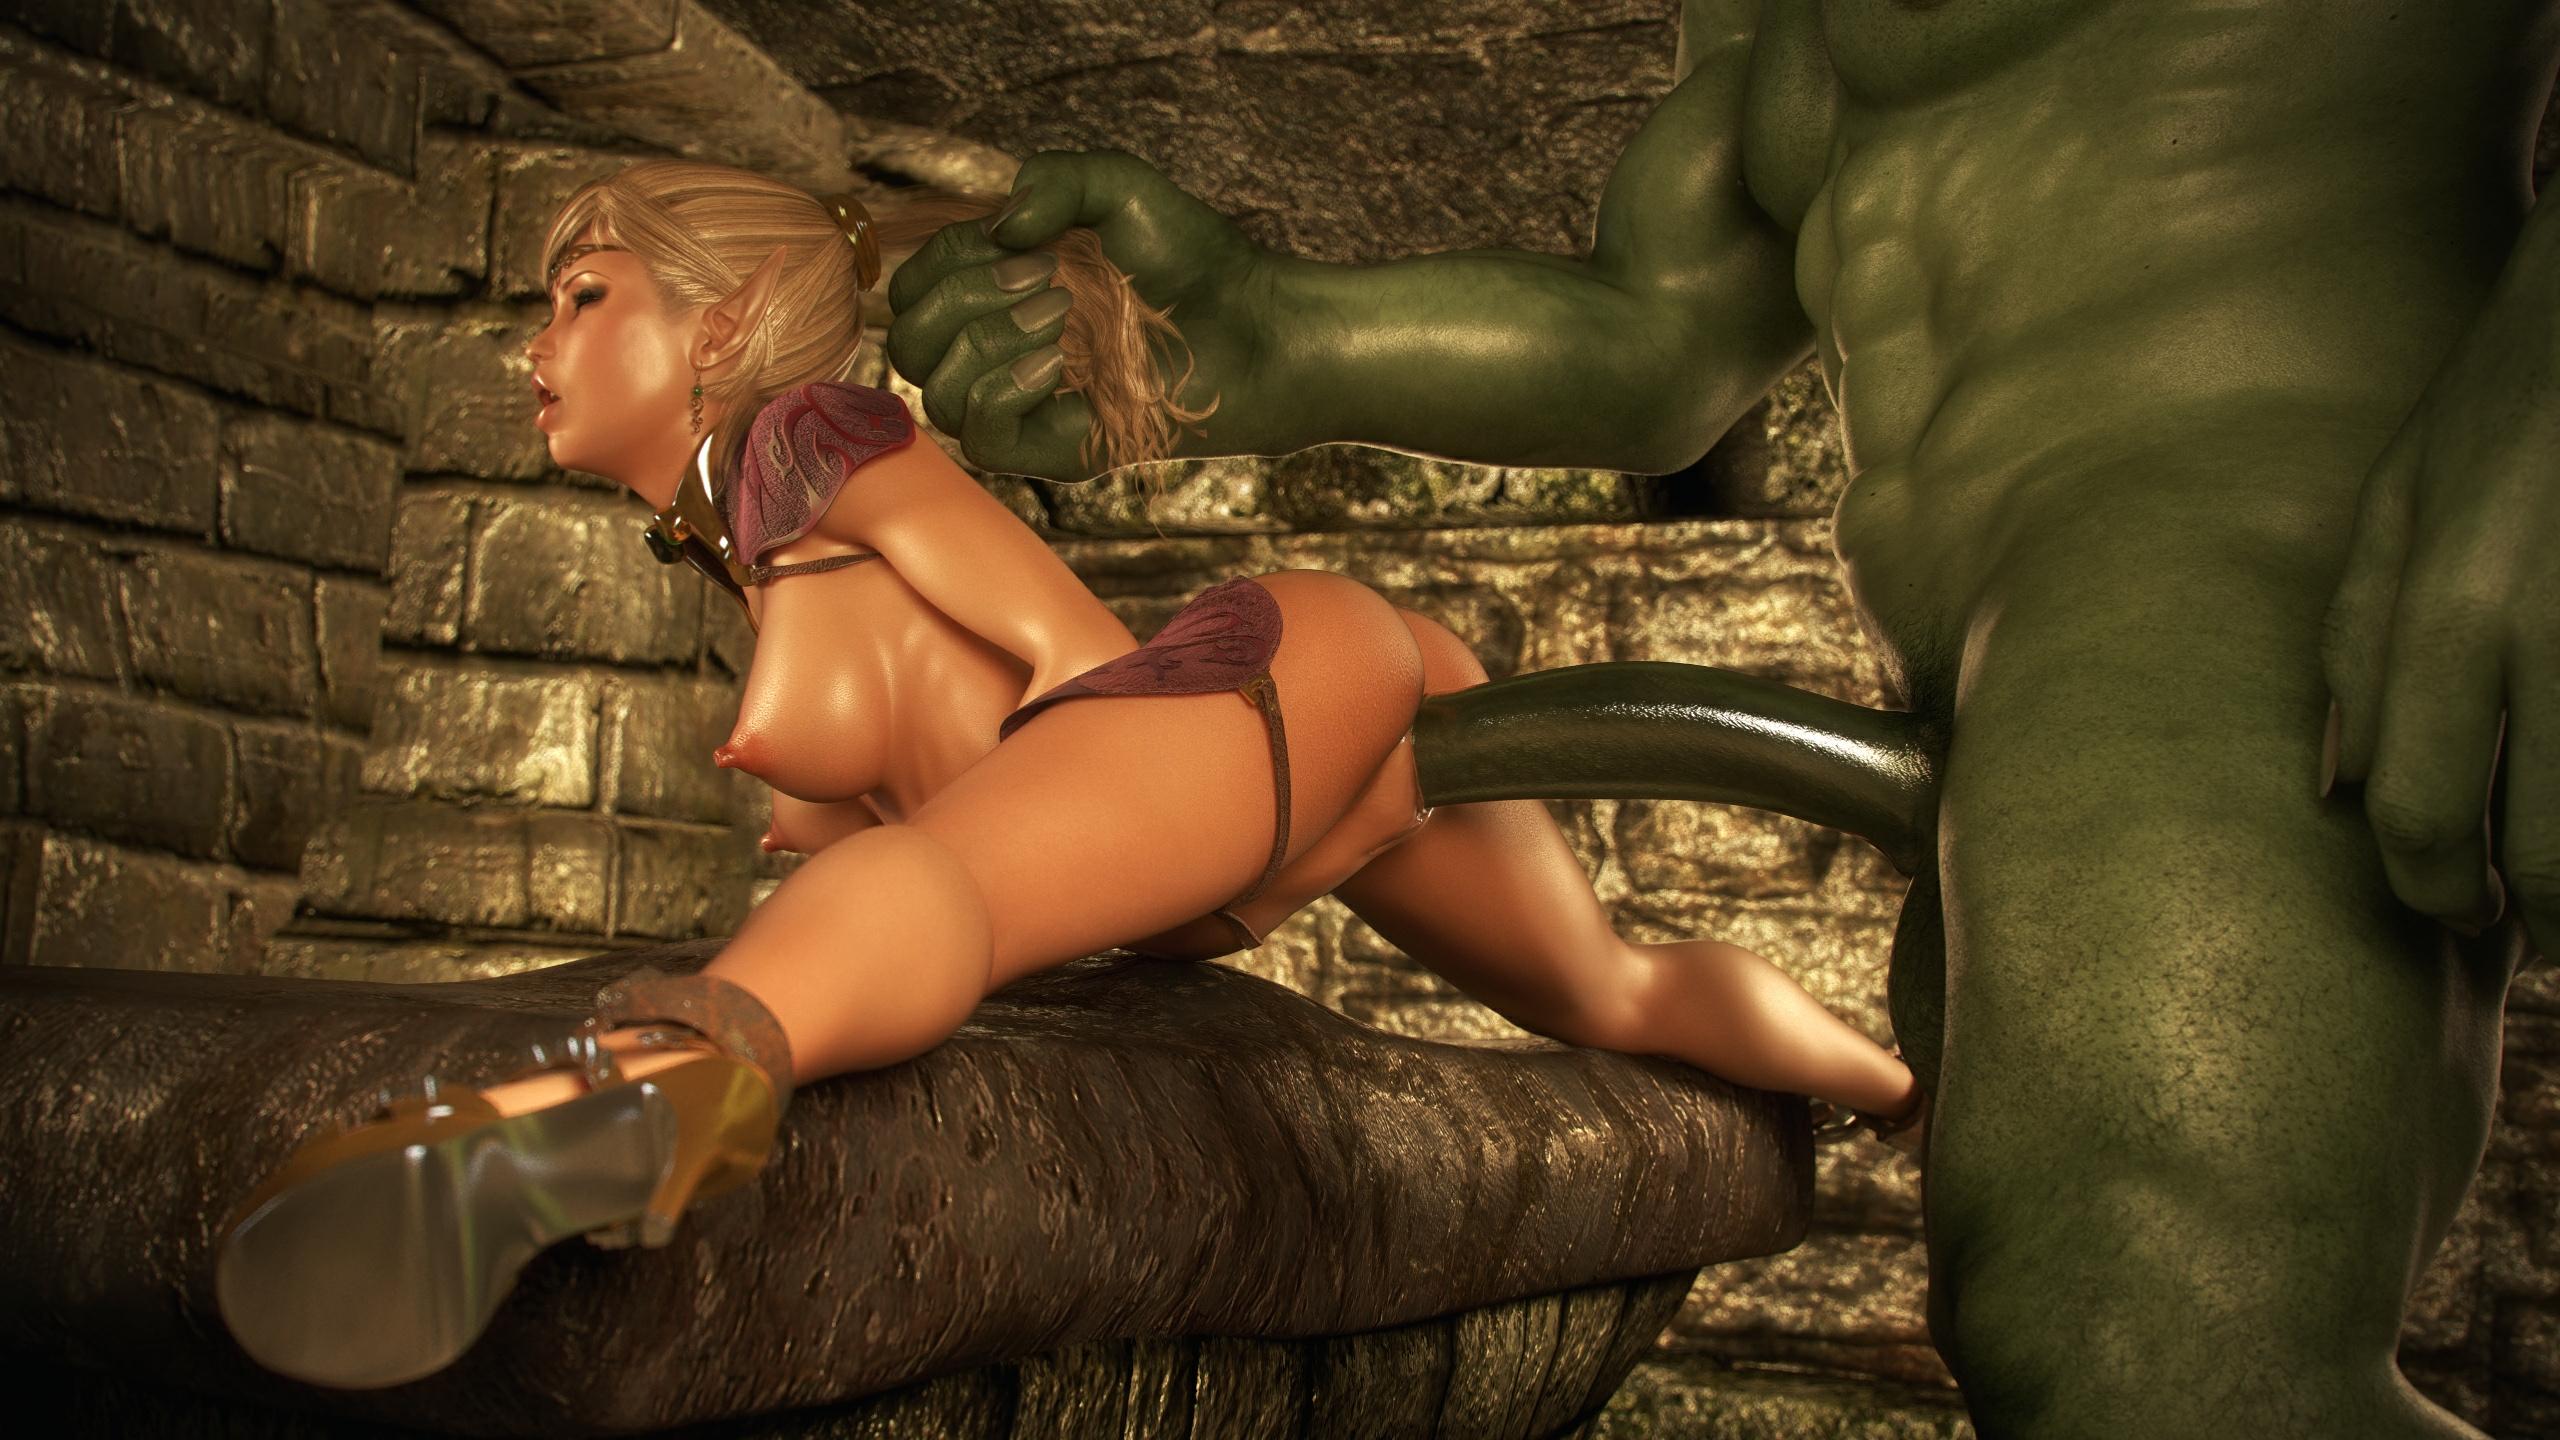 Dungeon Porno 68